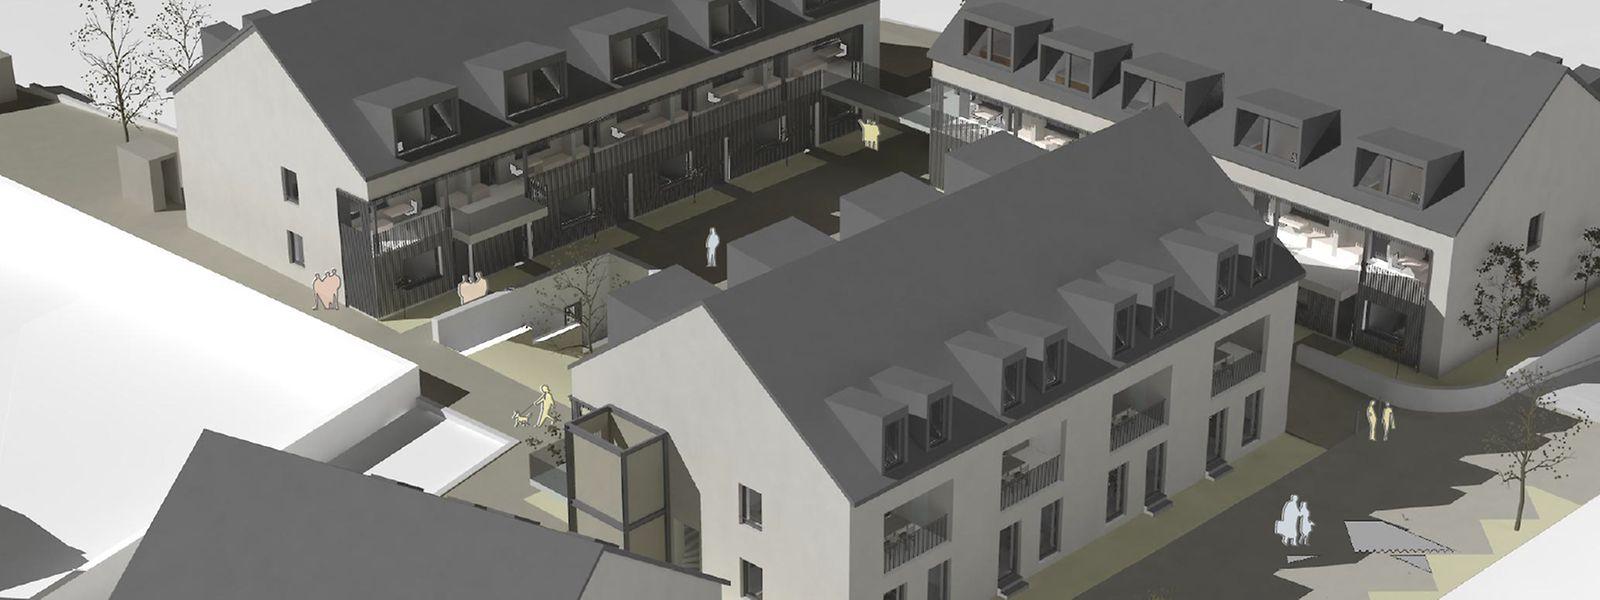 Die vier Wohnblöcke mit Tiefgarage gruppieren sich um einen Innenhof. Der untere Block besteht aus drei Reihenhäusern, der Rest sind Wohnungen.